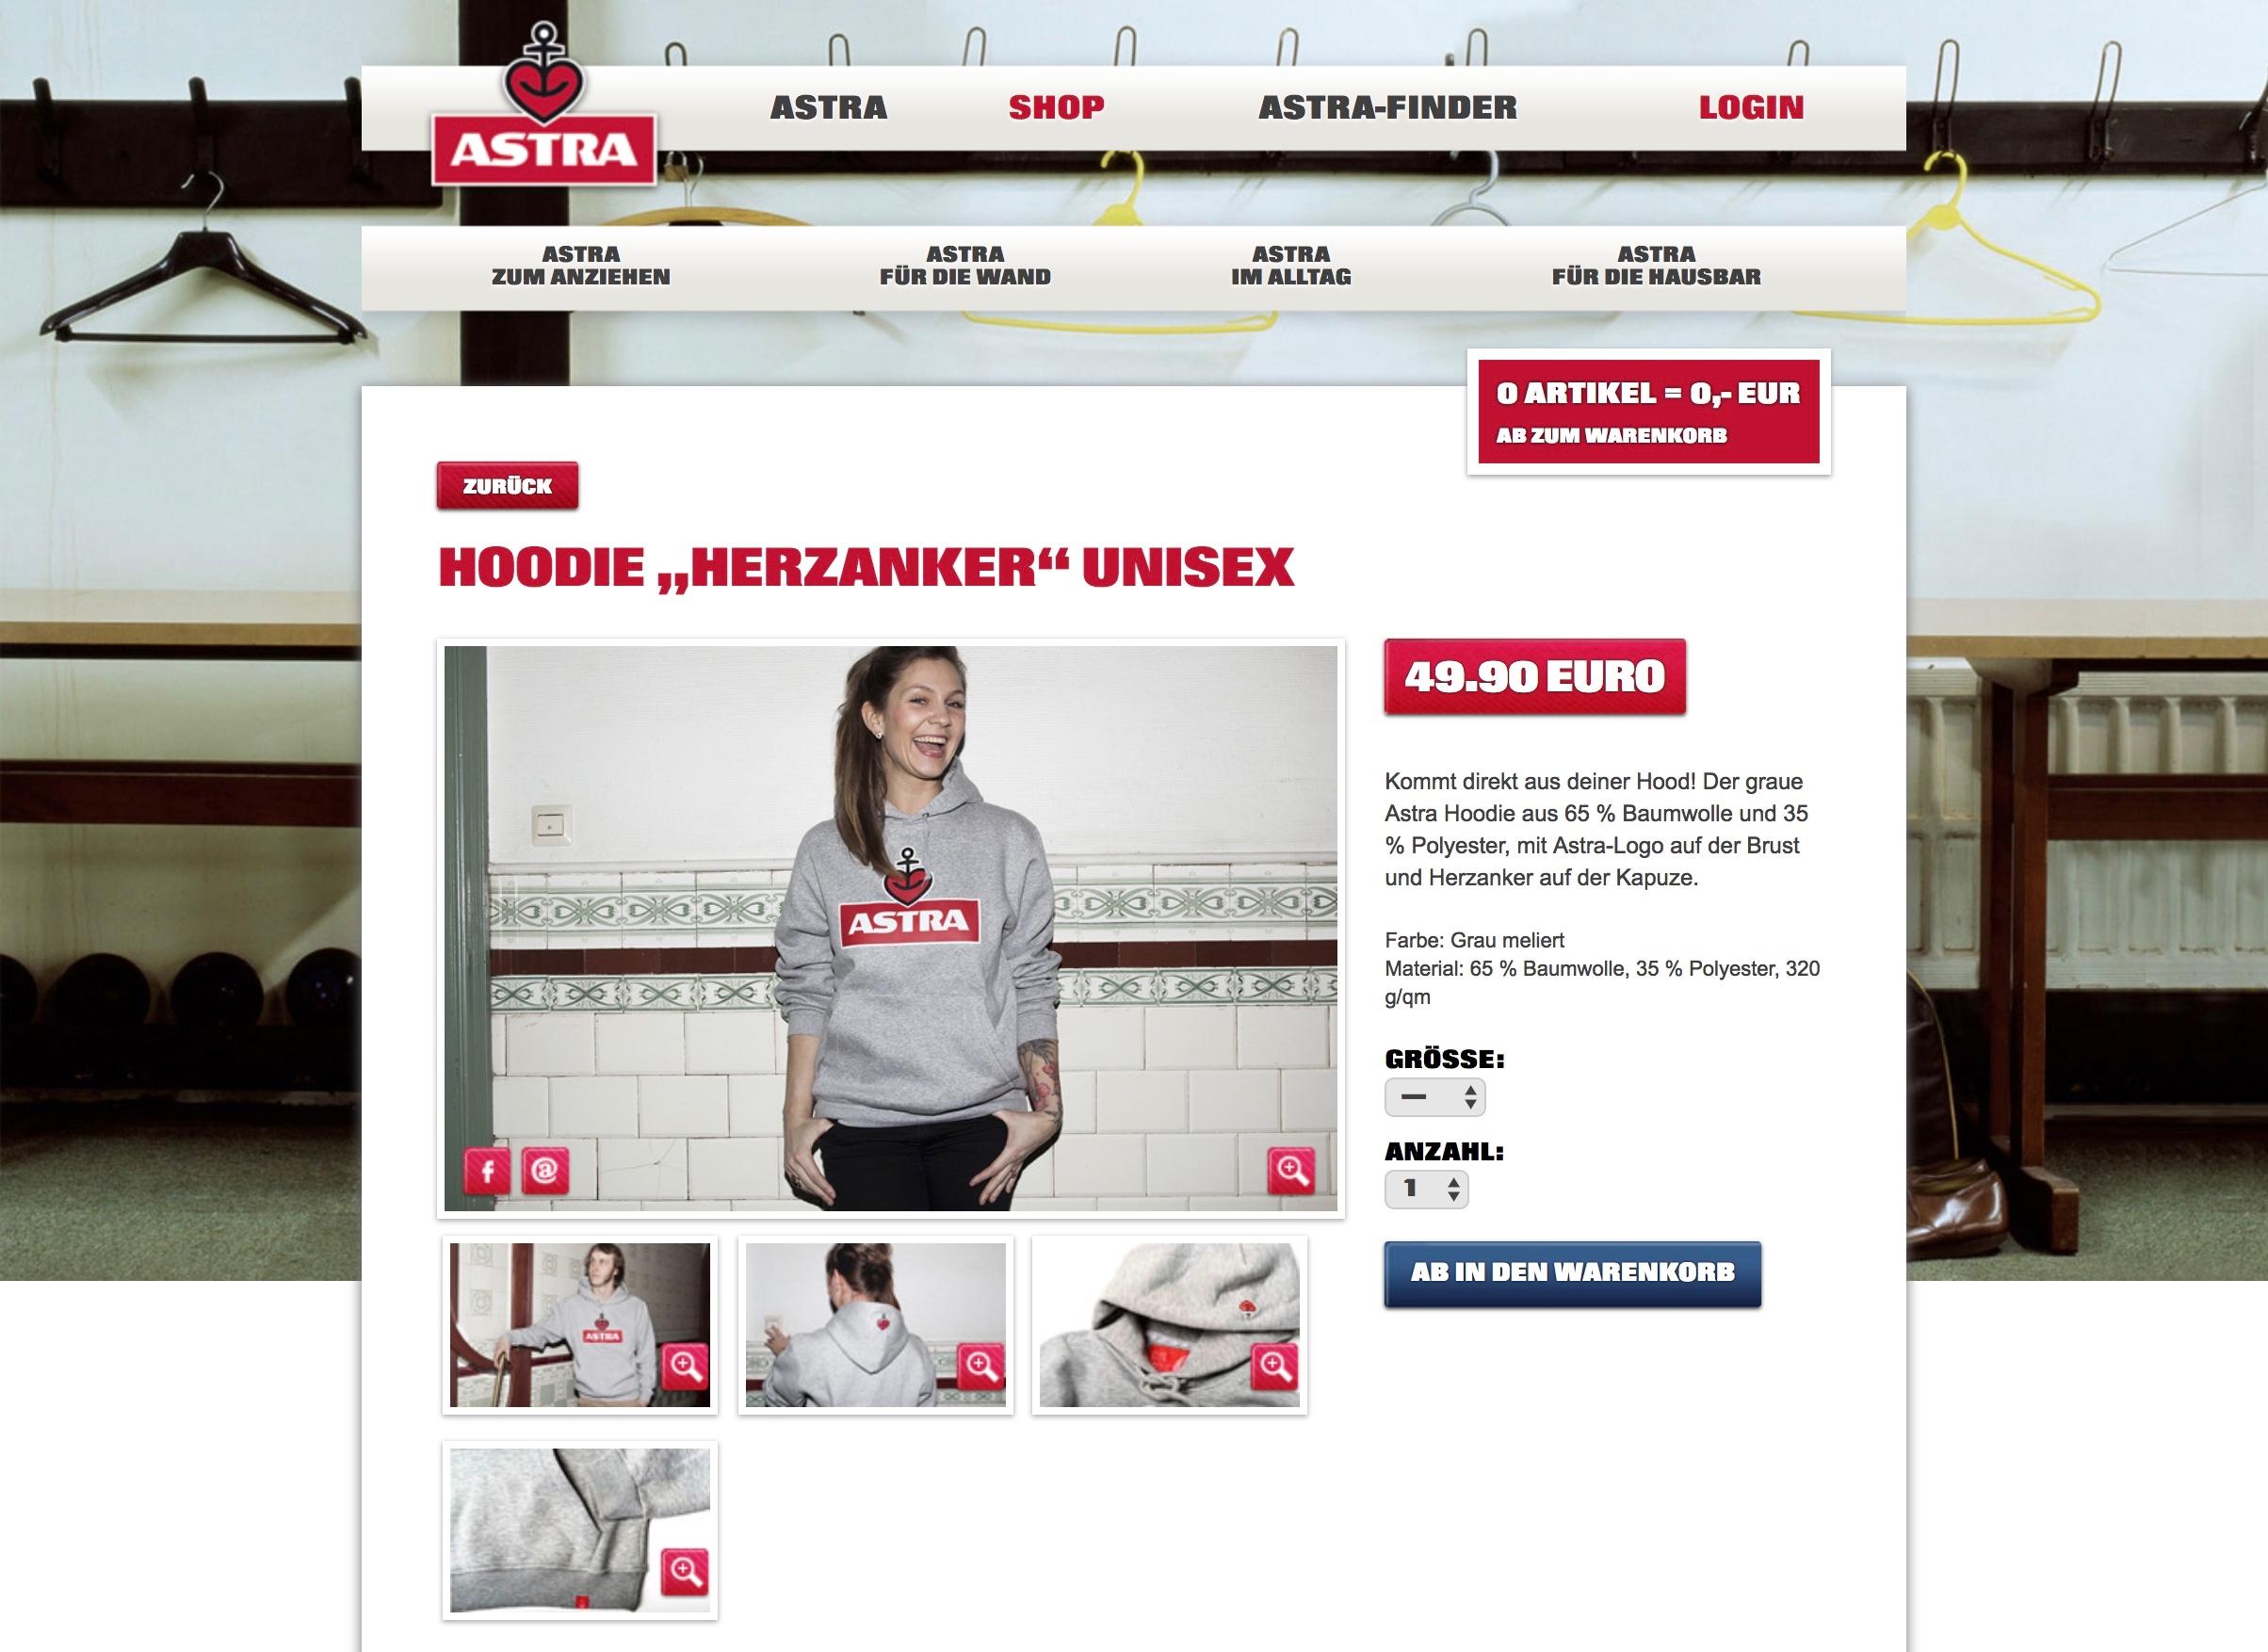 Astra Online Shop Hoddie Herzanker Unisex